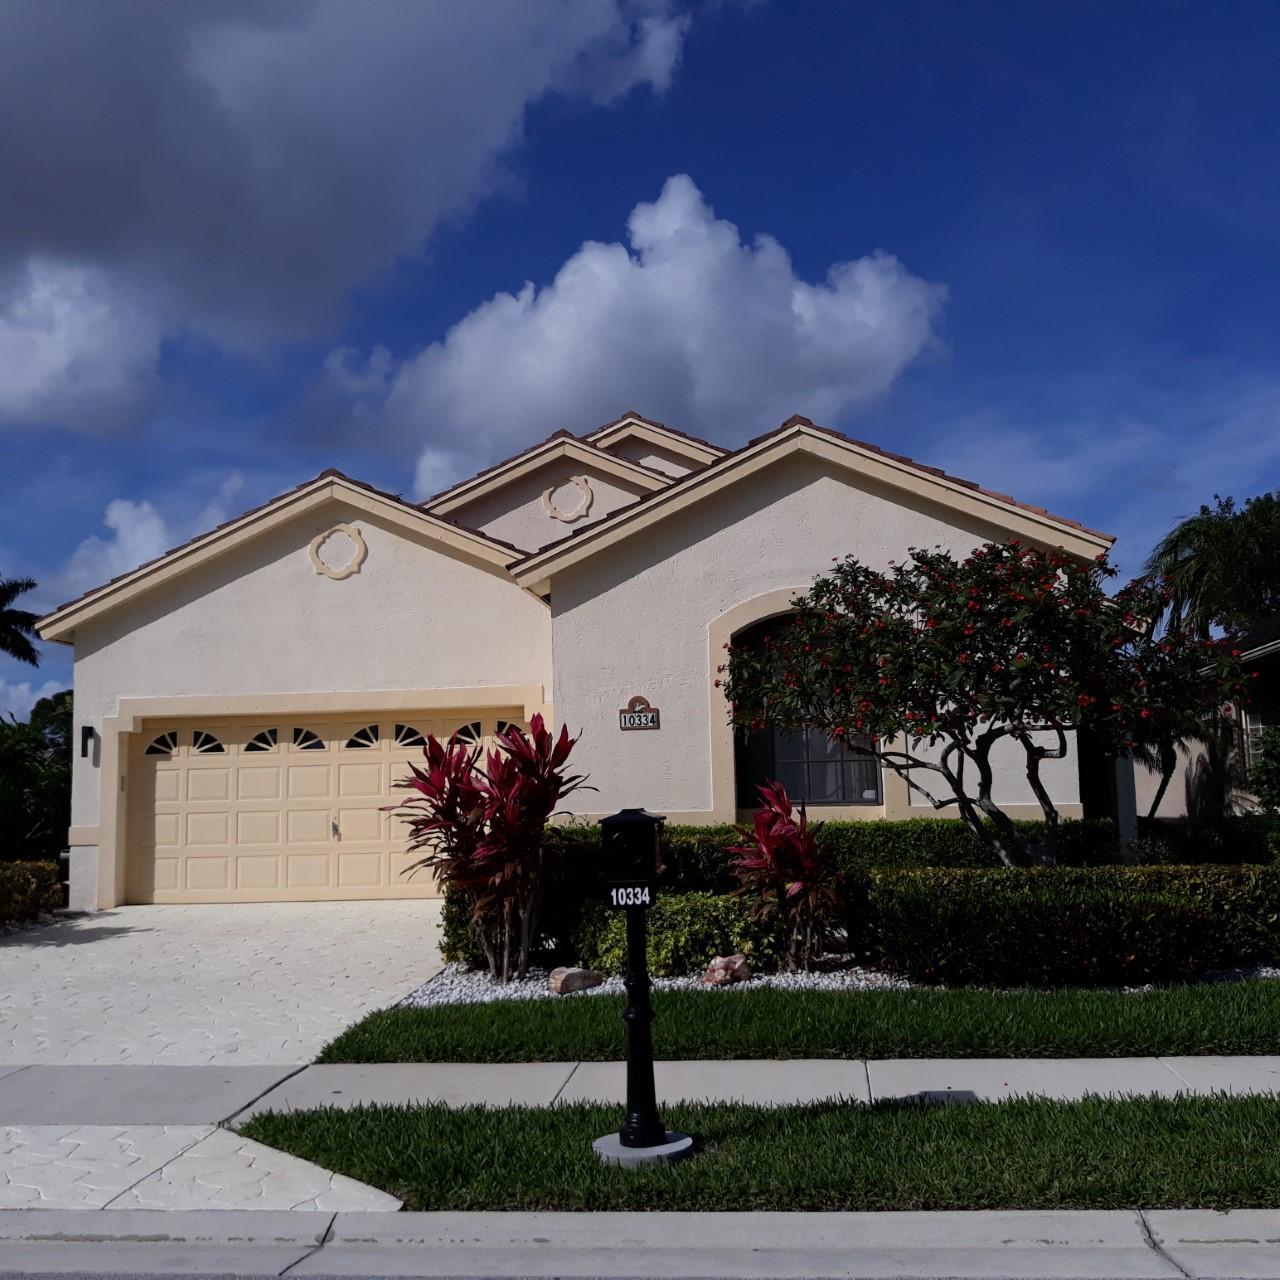 10334 Lexington Circle Boynton Beach, FL 33436